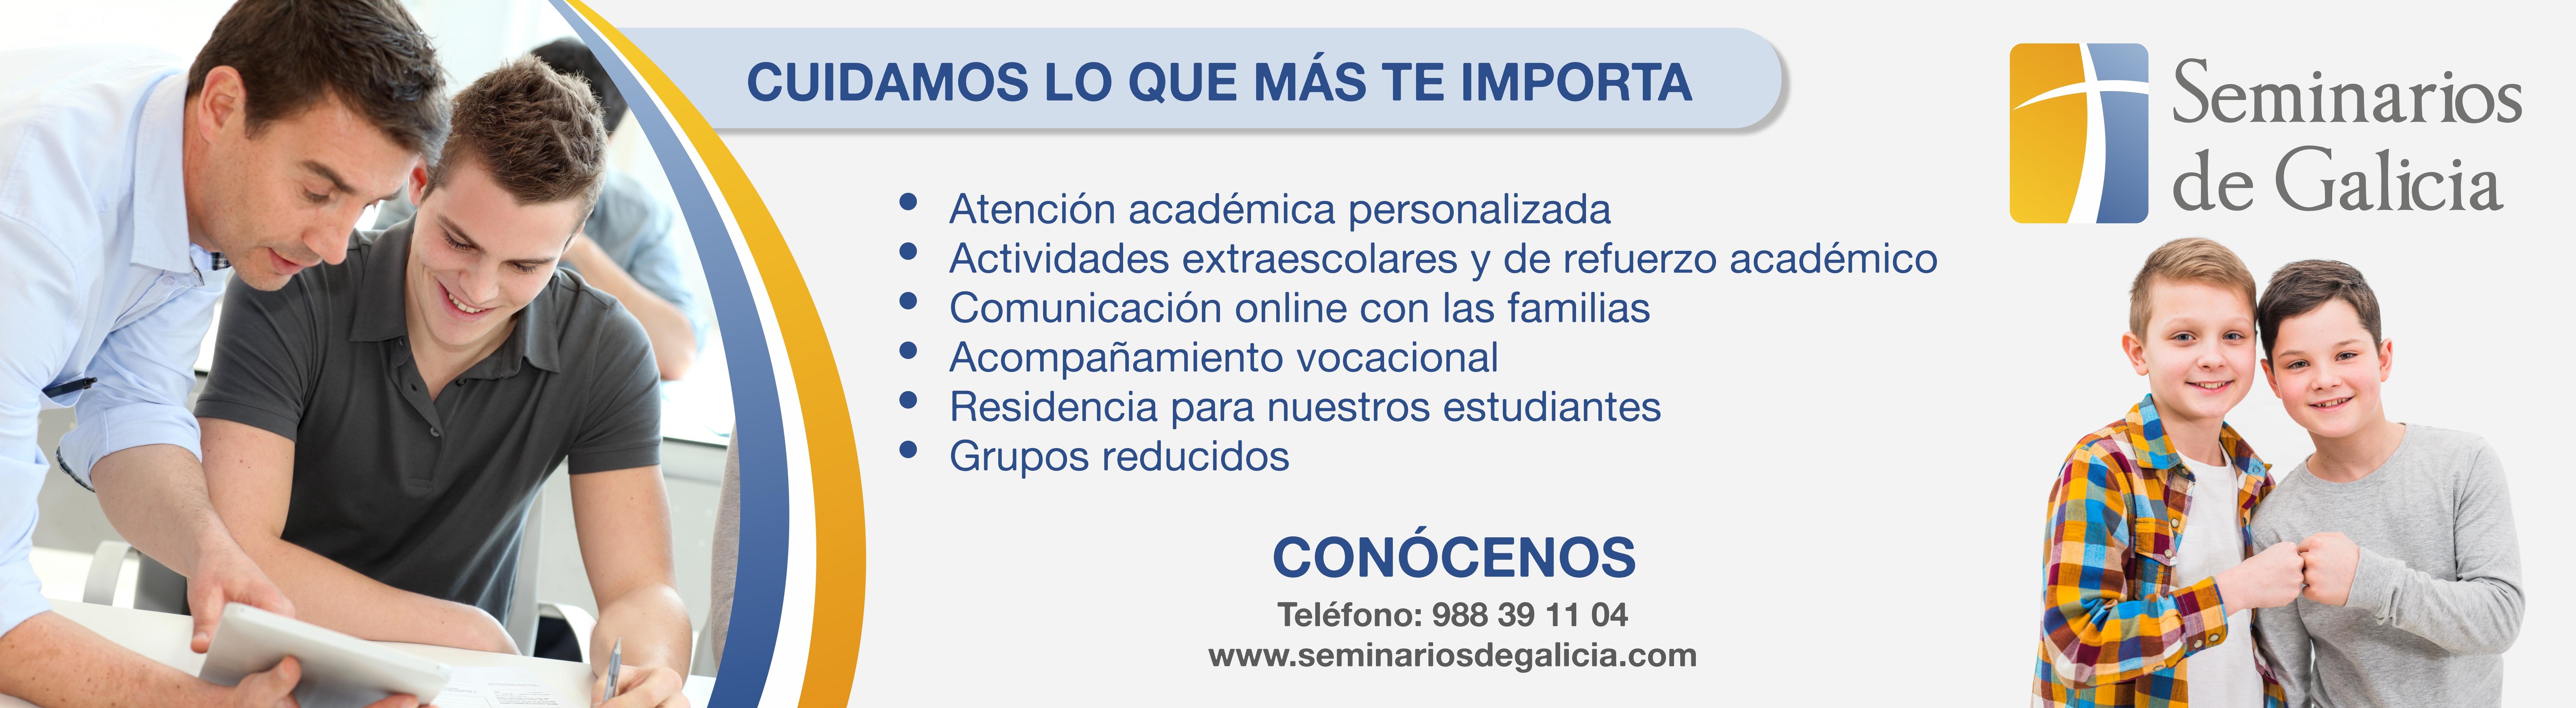 Seminarios de Galicia Matrícula Abierta